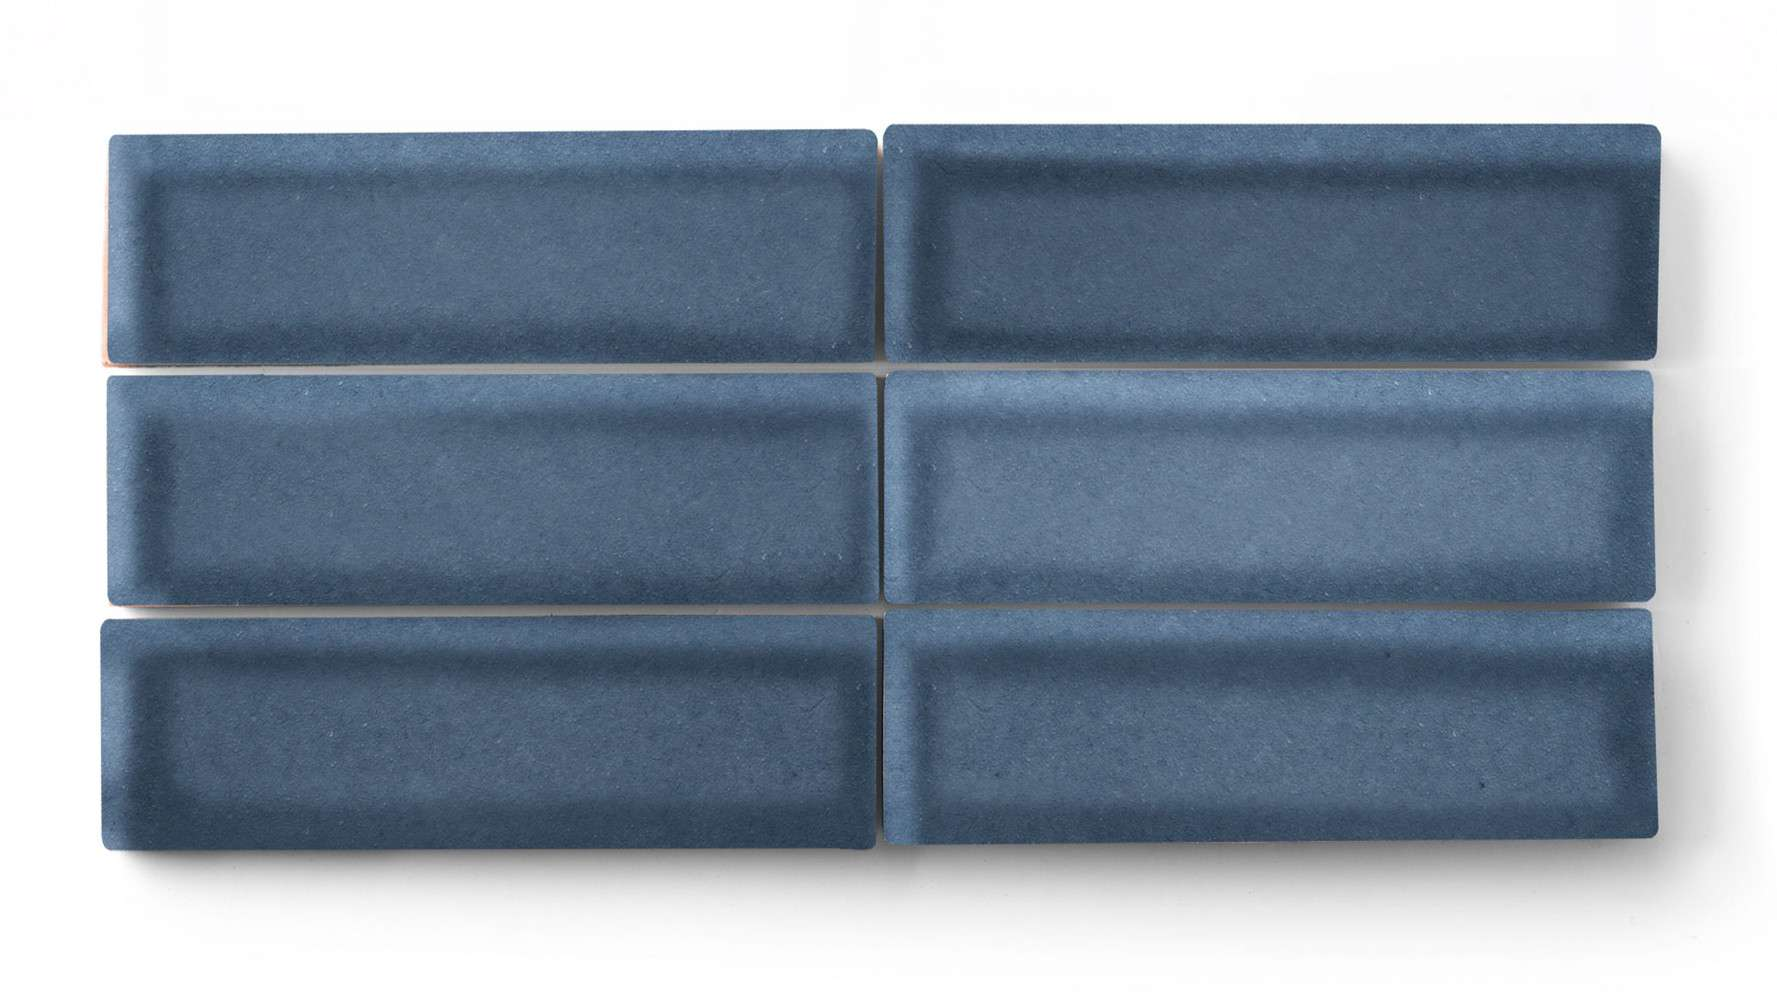 Blue rectangular tile